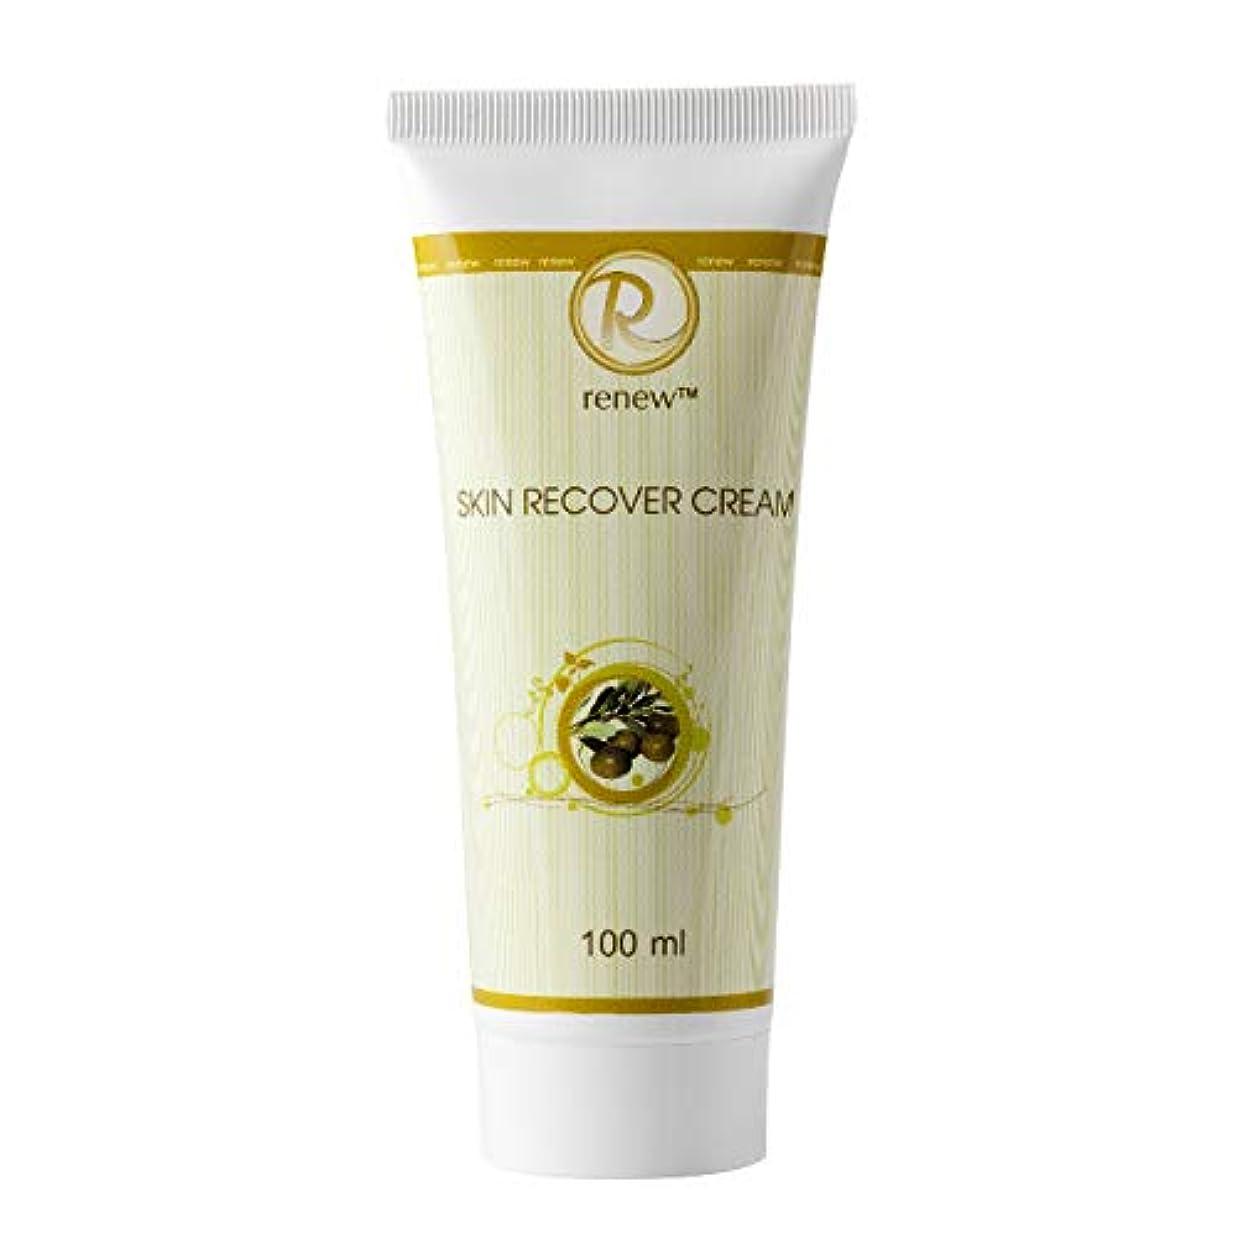 思い出してはいけません茎Renew Skin Recover Cream 100ml